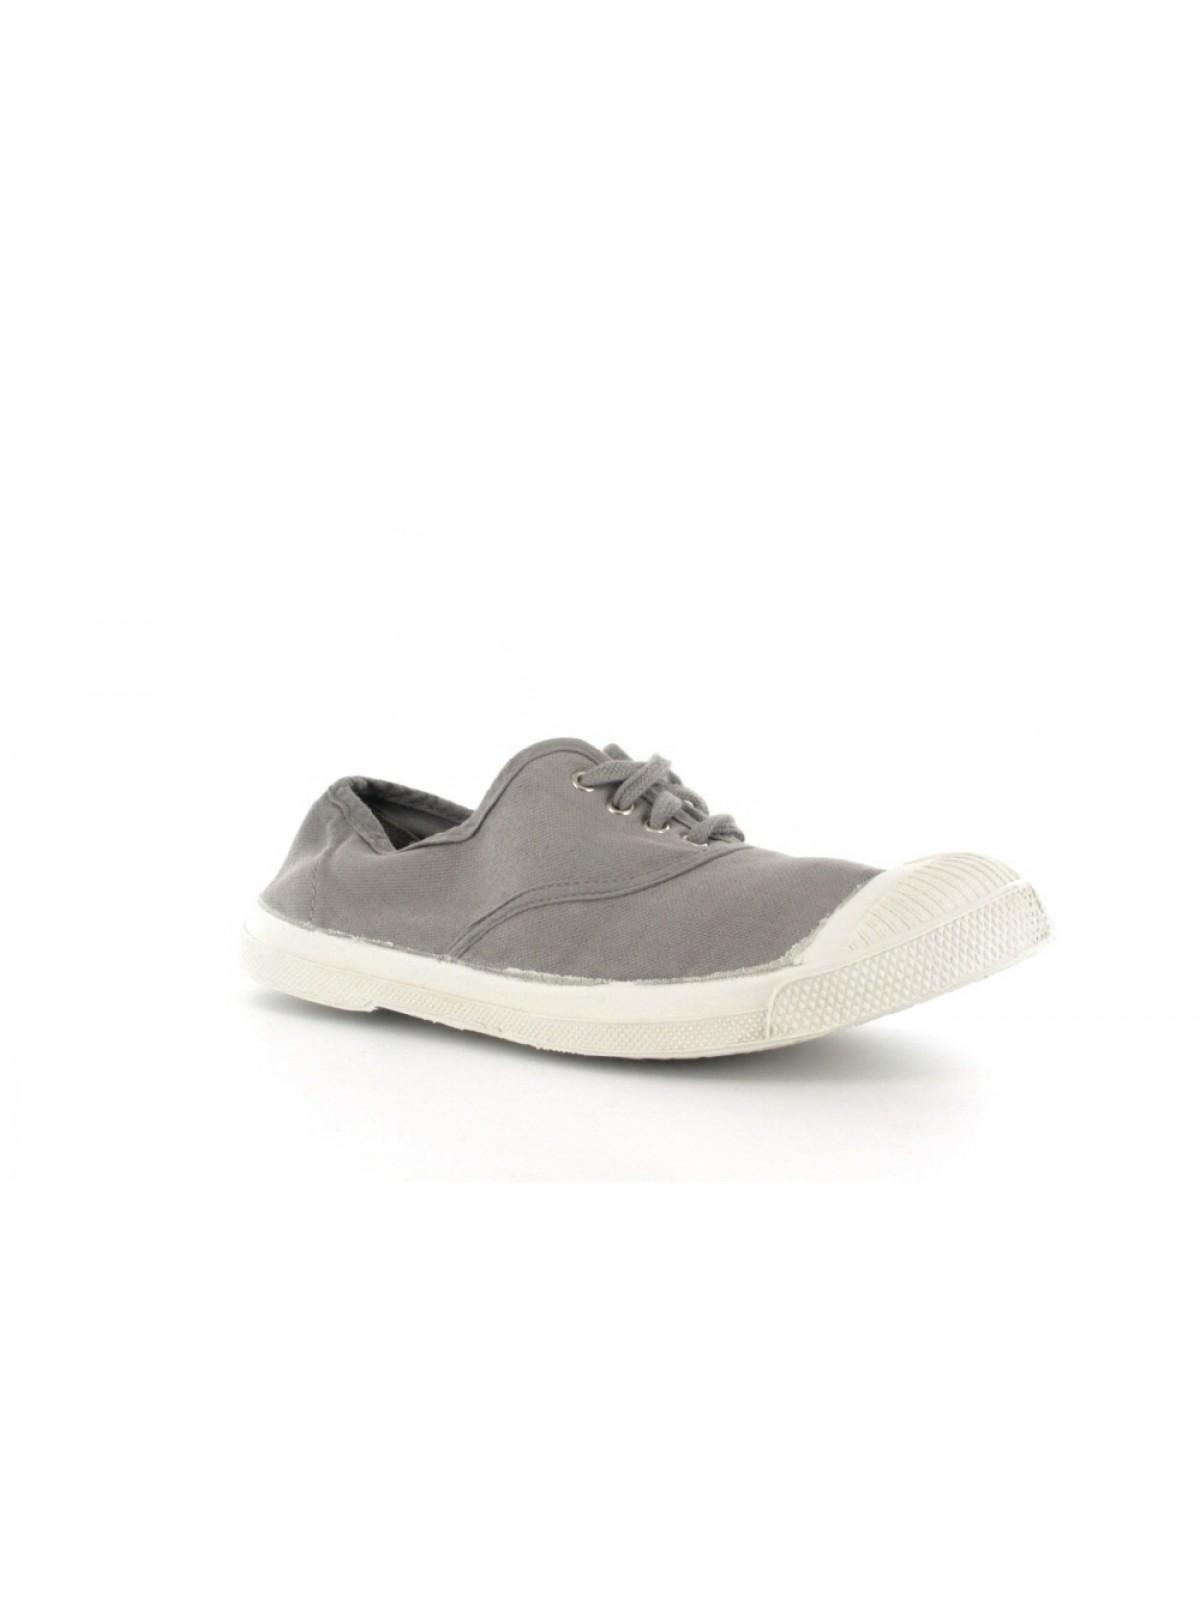 Bensimon tennis lacet gris clair